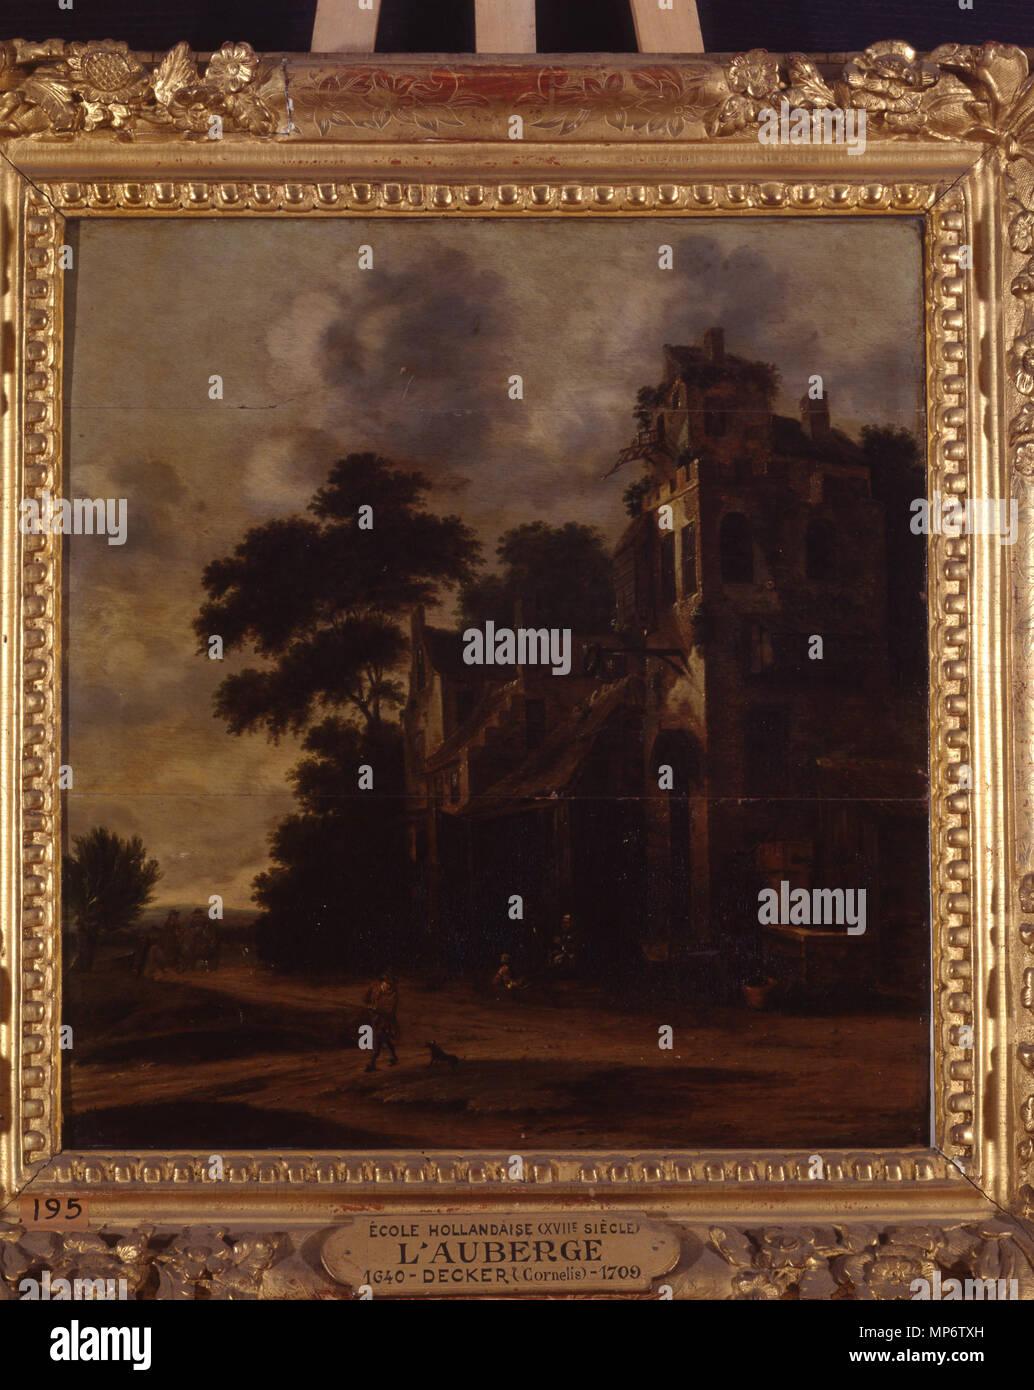 781 L'auberge - Cornelis Dekker - Musée d'art et d'histoire de Saint-Brieuc, DOC 195 Foto de stock